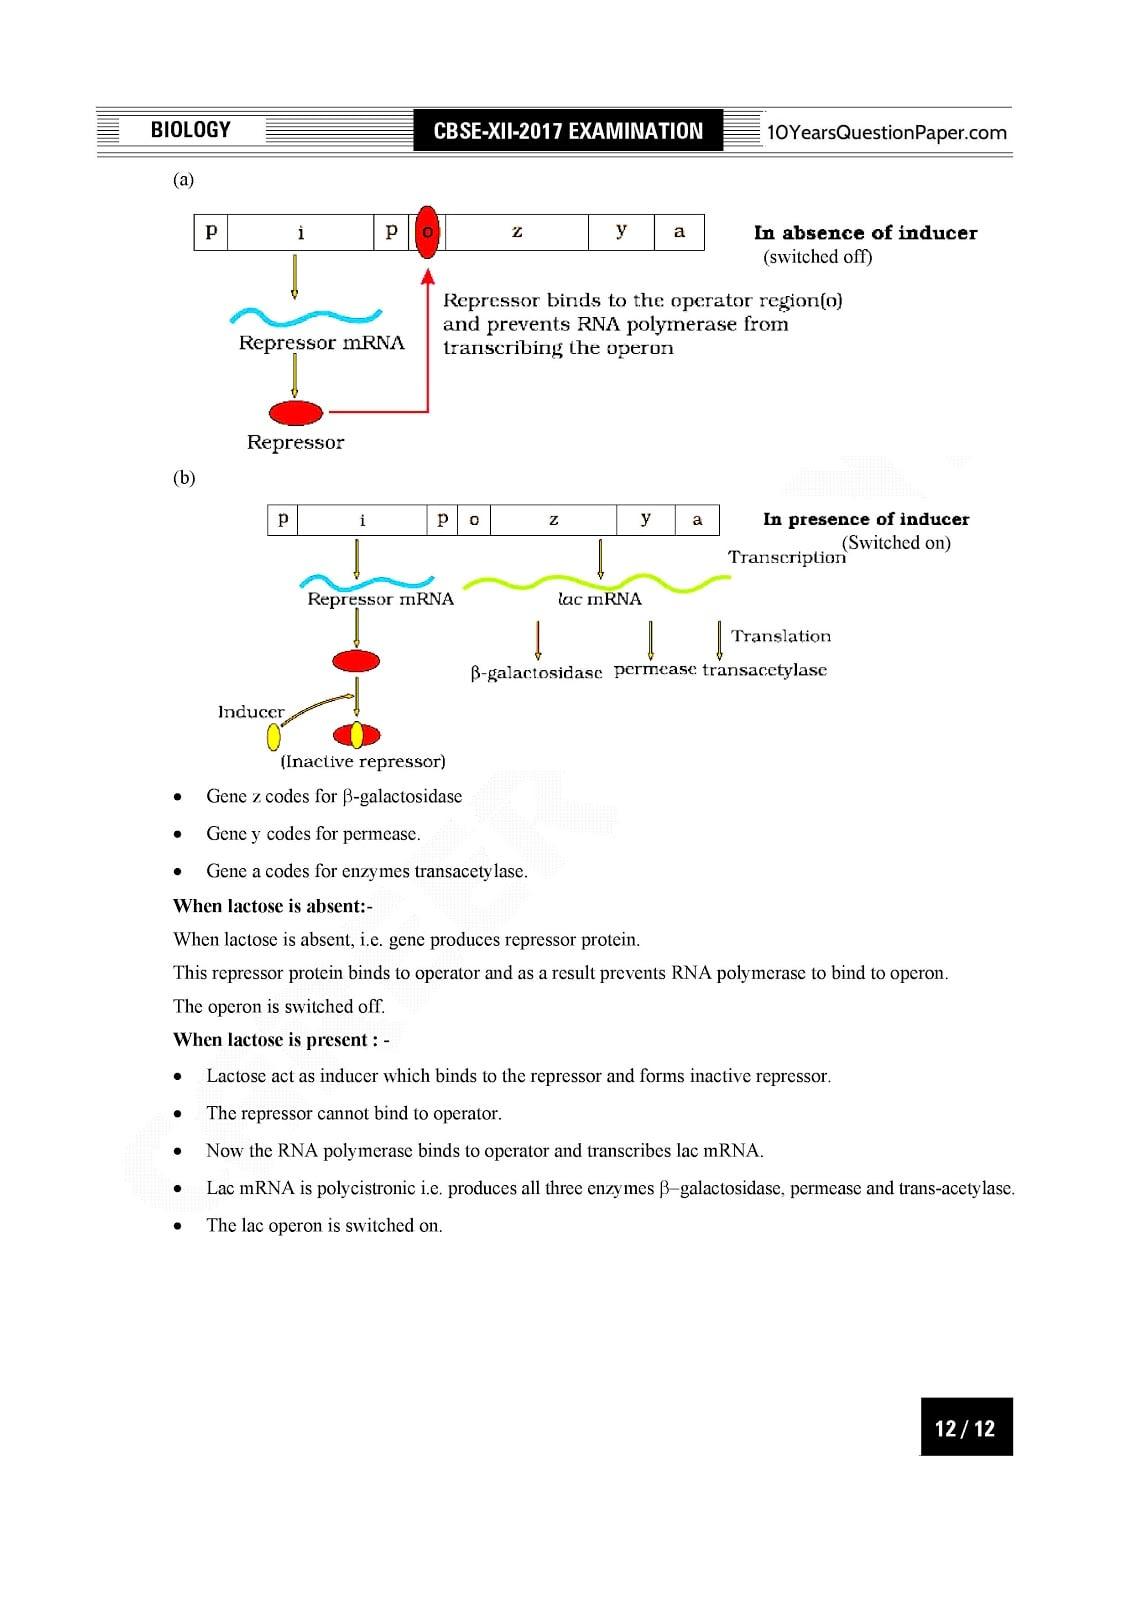 CBSE Class 12 Biology 2017 Solved Paper